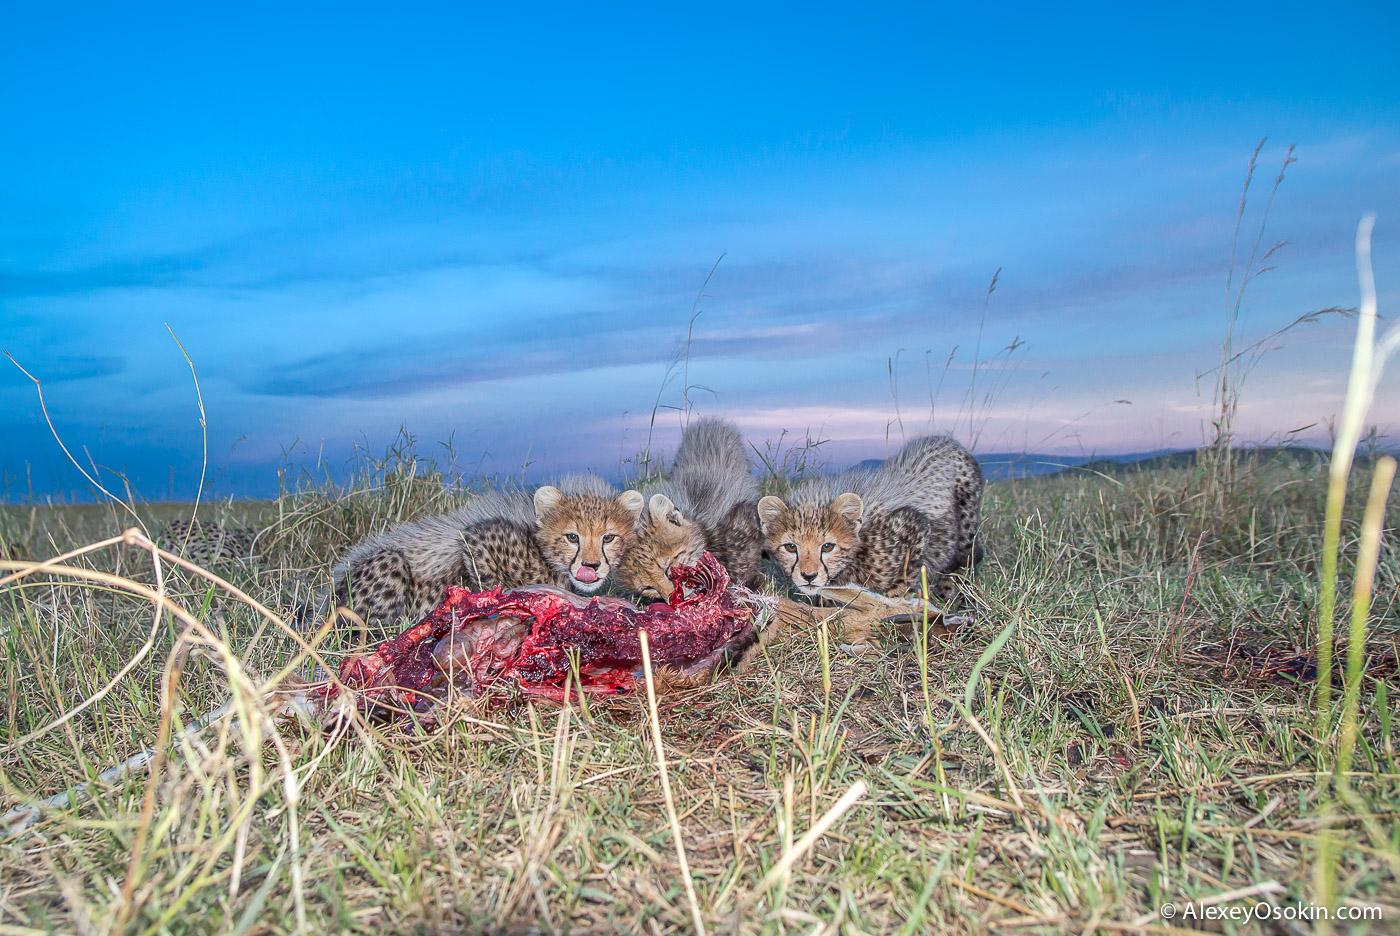 kenya-cheetahs3-ao, aug.2015-59.jpg